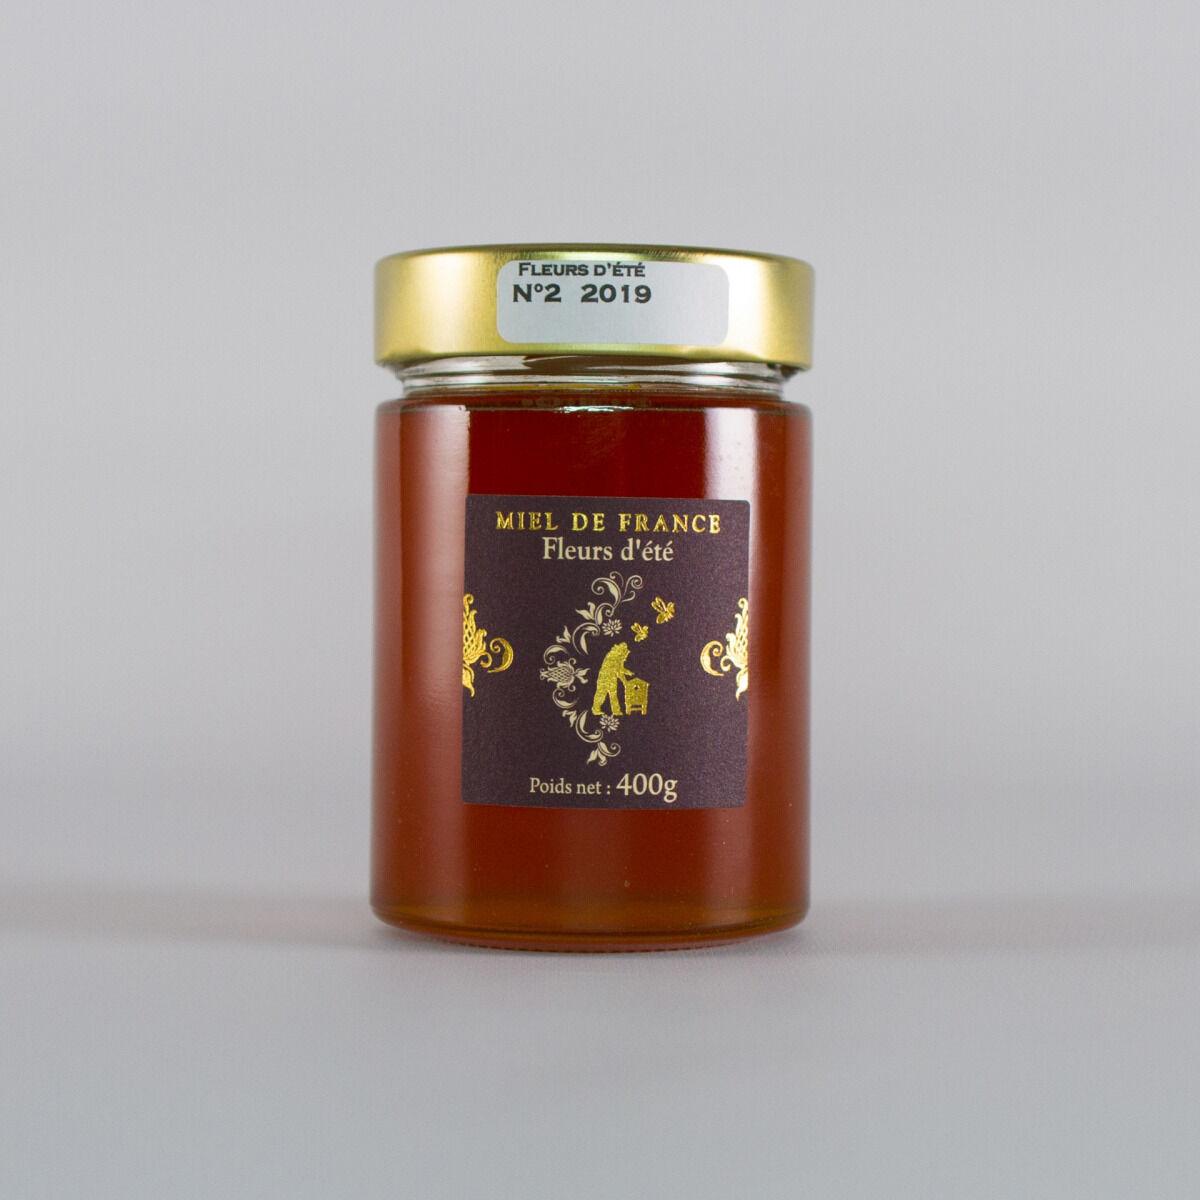 Domaine Apicole du Pillardon Miel De France Fleurs d'Été n°2 Récolte 2019 400g